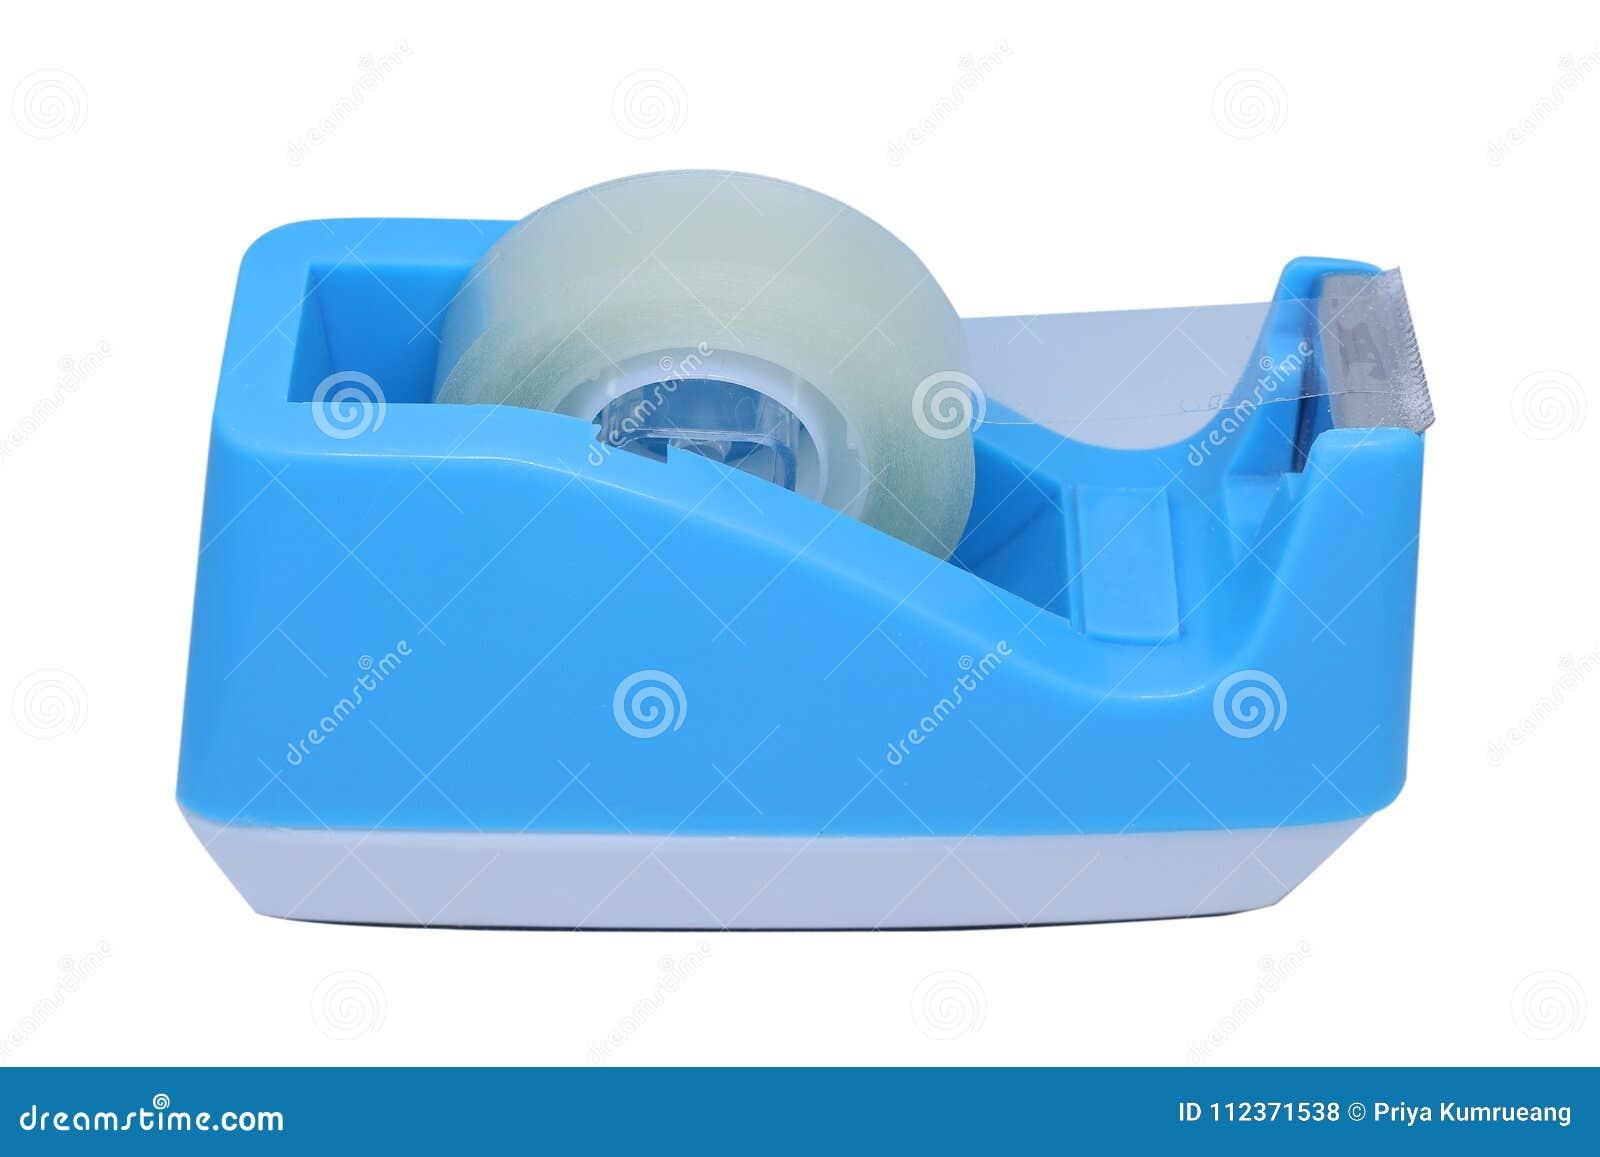 在白色背景隔绝的蓝色塑料磁带分配器